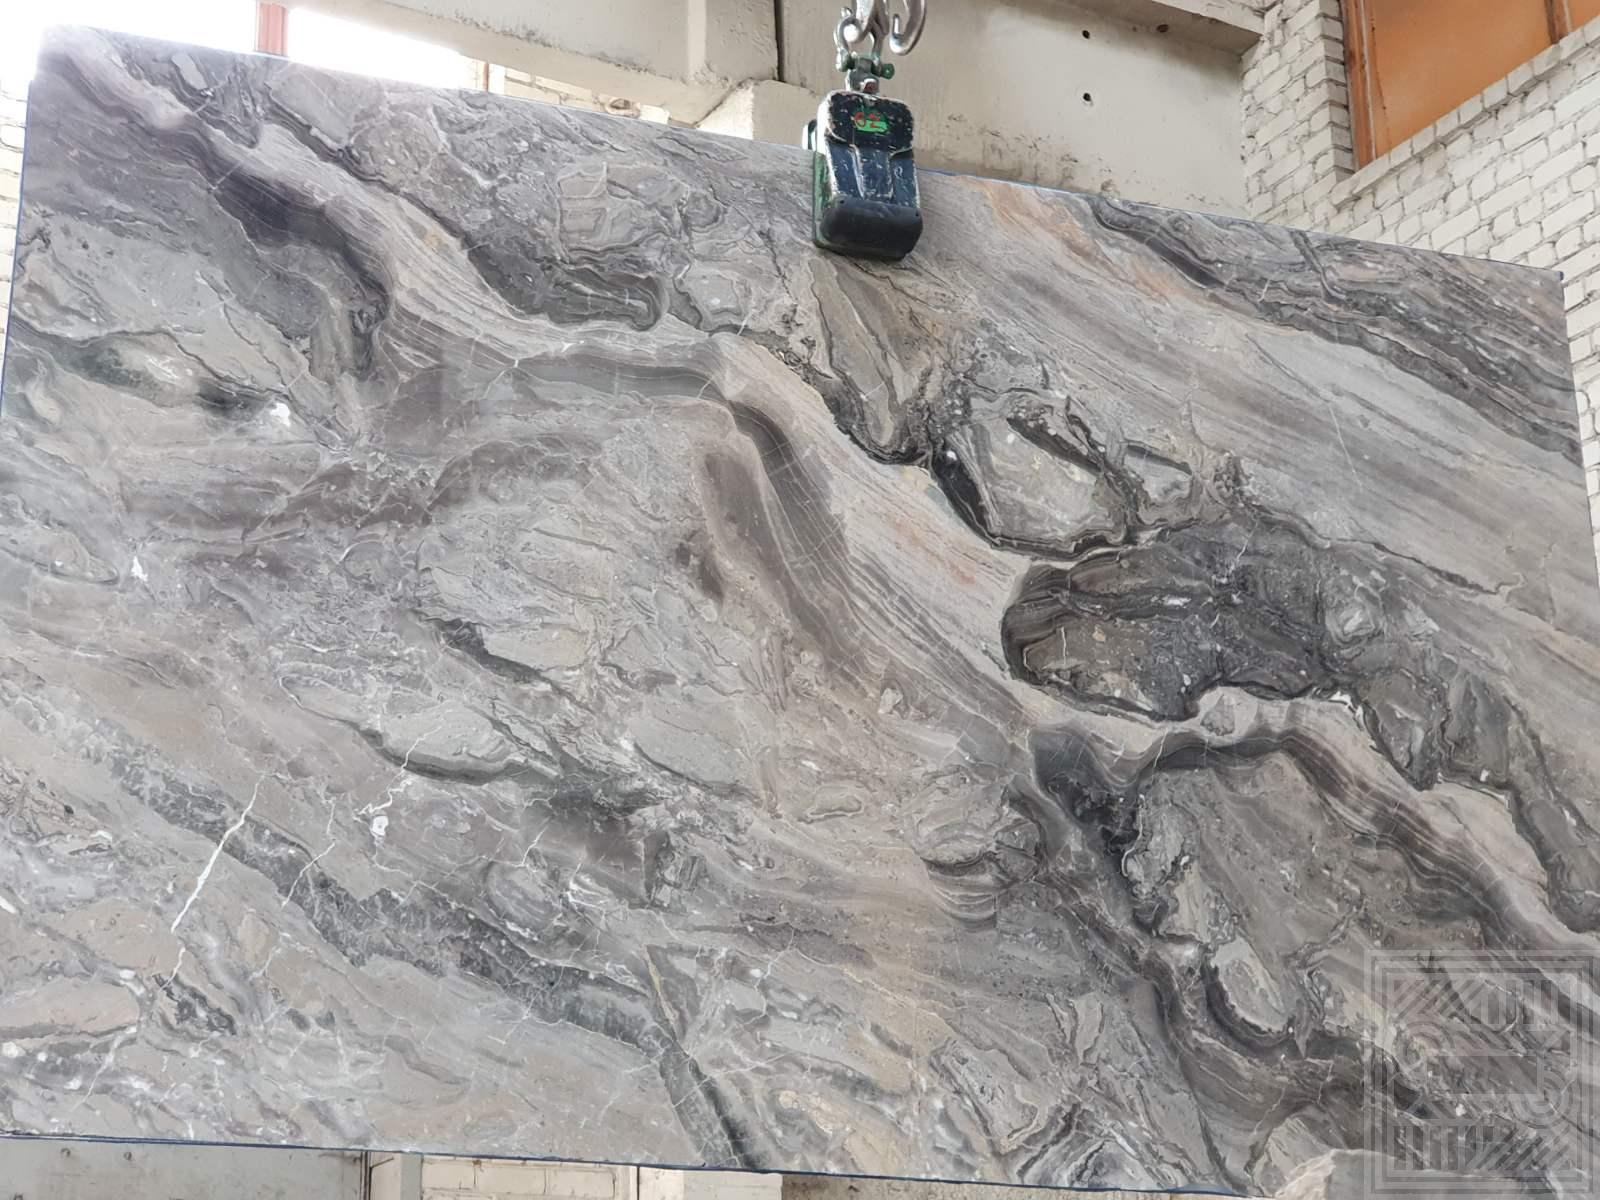 Arabescato Grigio (20 mm) colored-marble - Arabescato Grigio